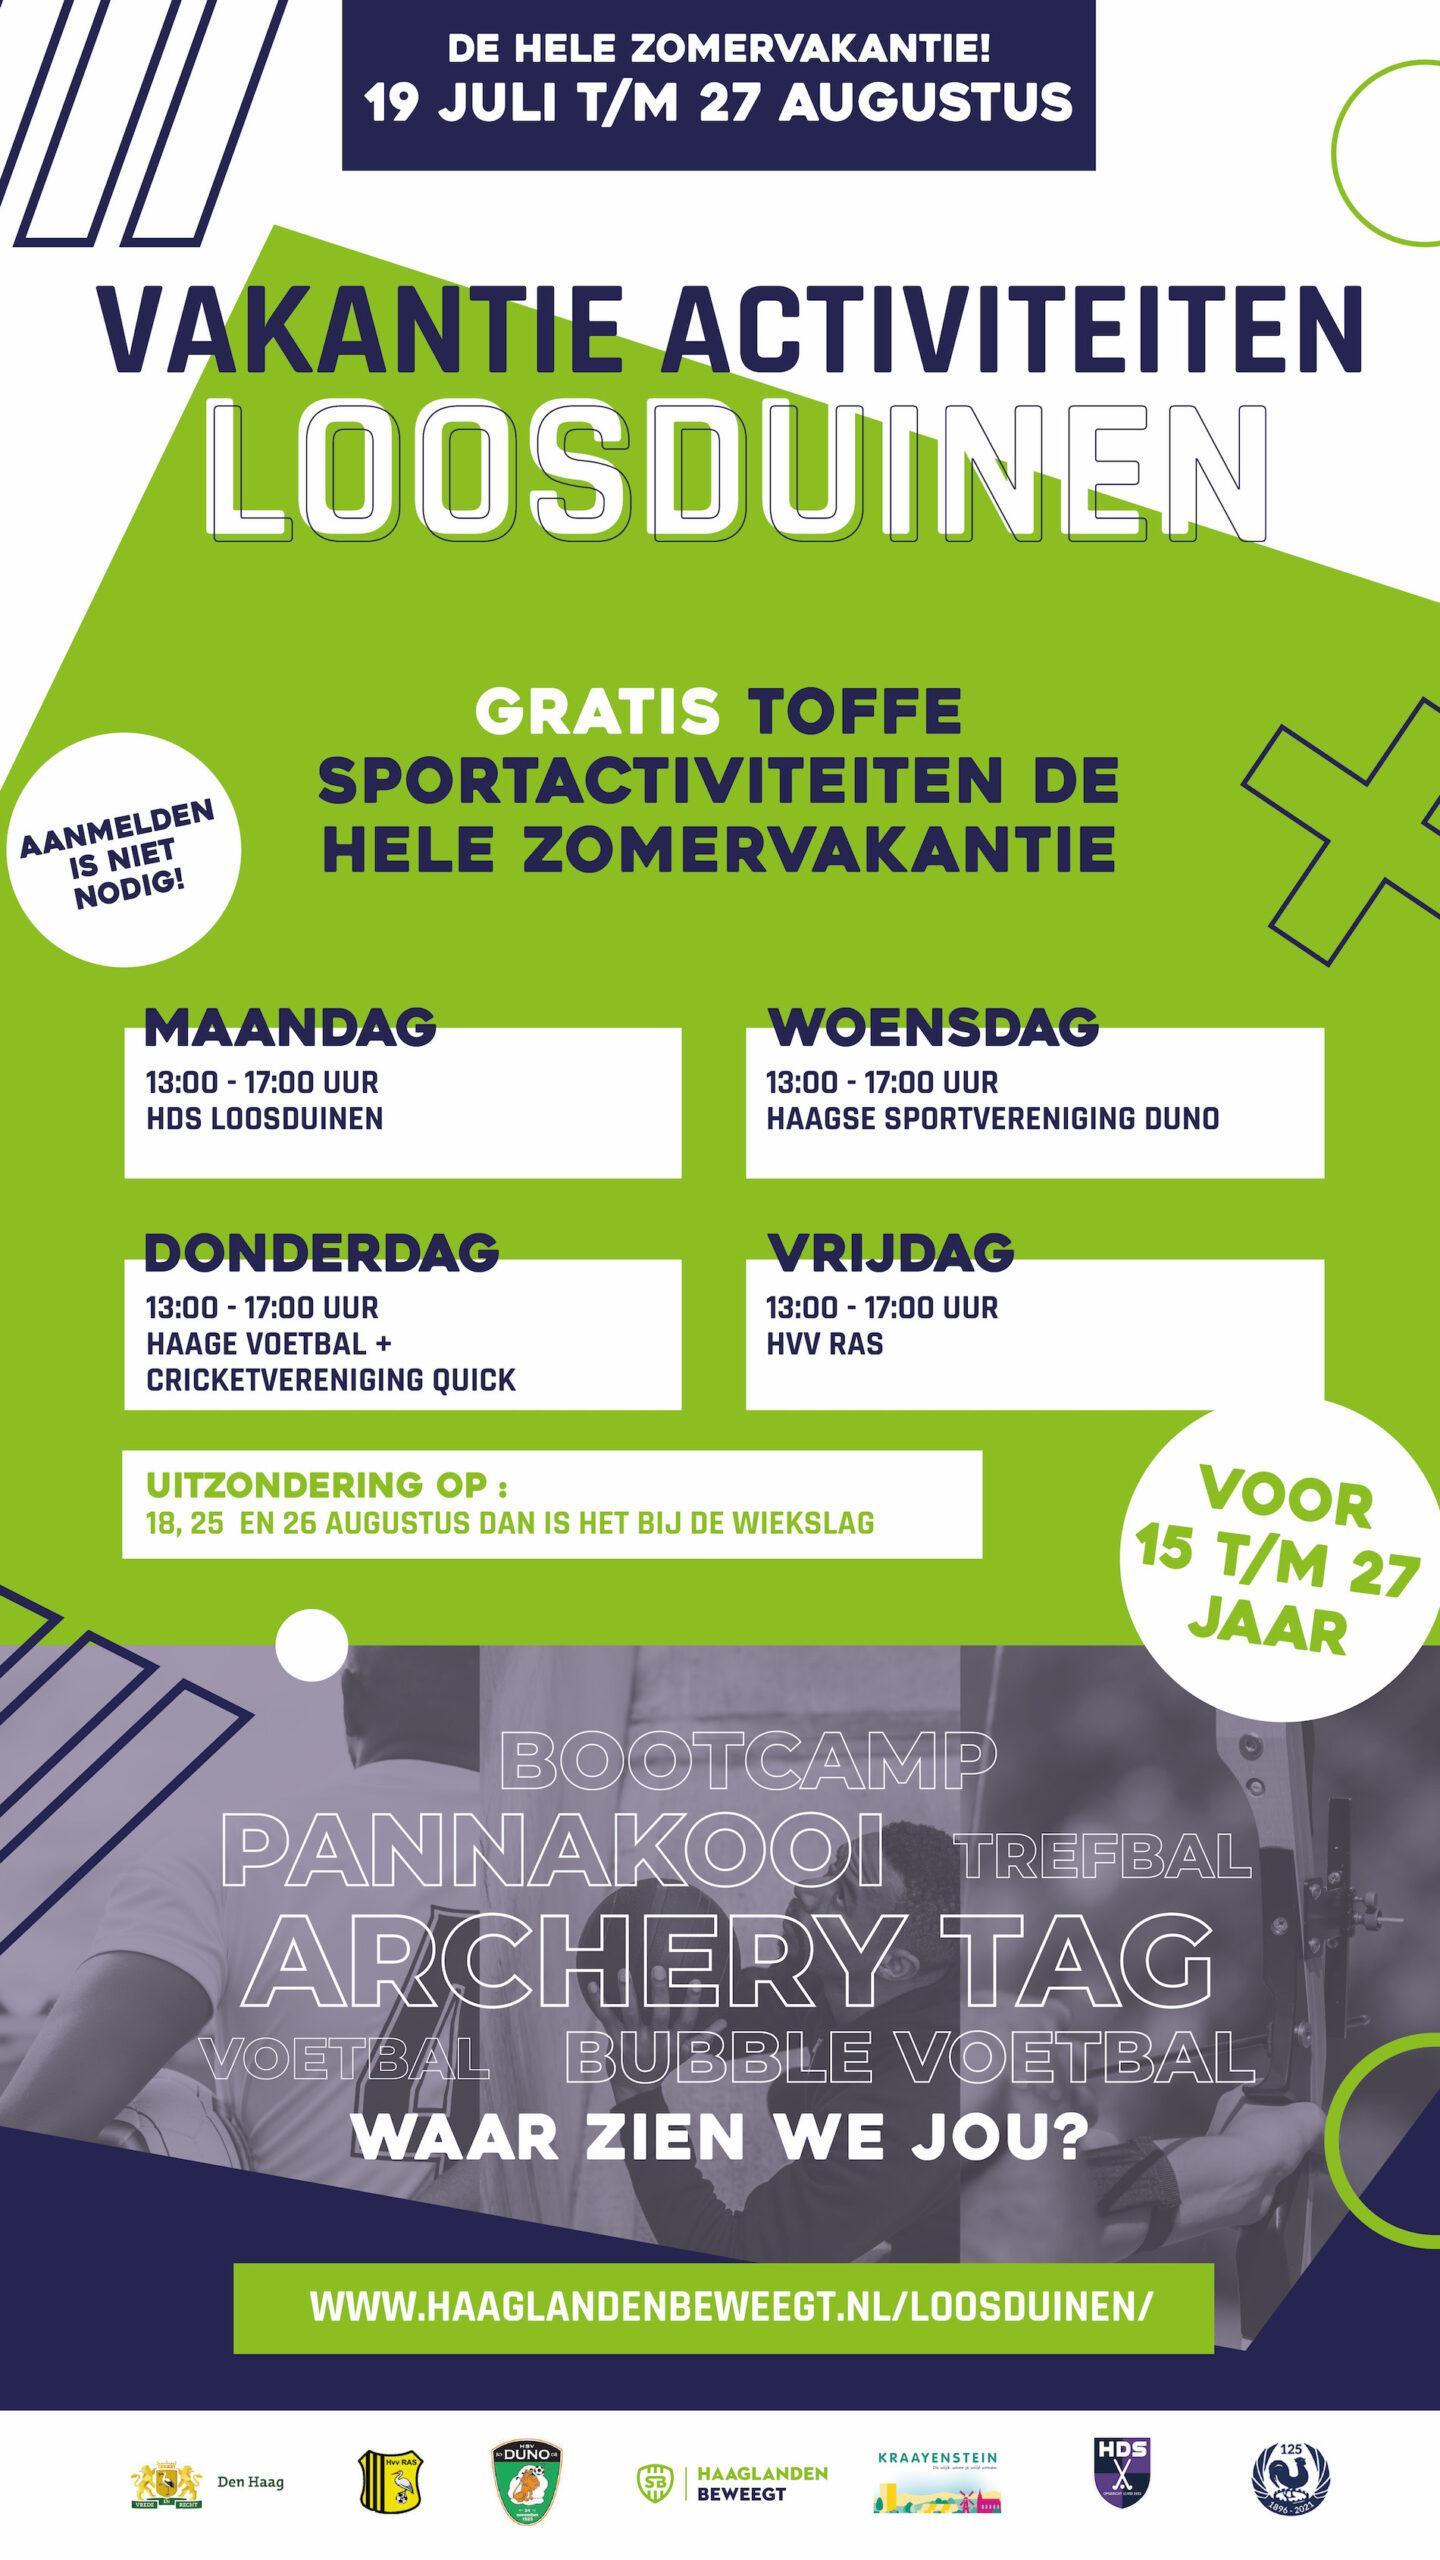 Flyer - Vakantie Activiteiten Loosduinen door Haaglanden Beweegt